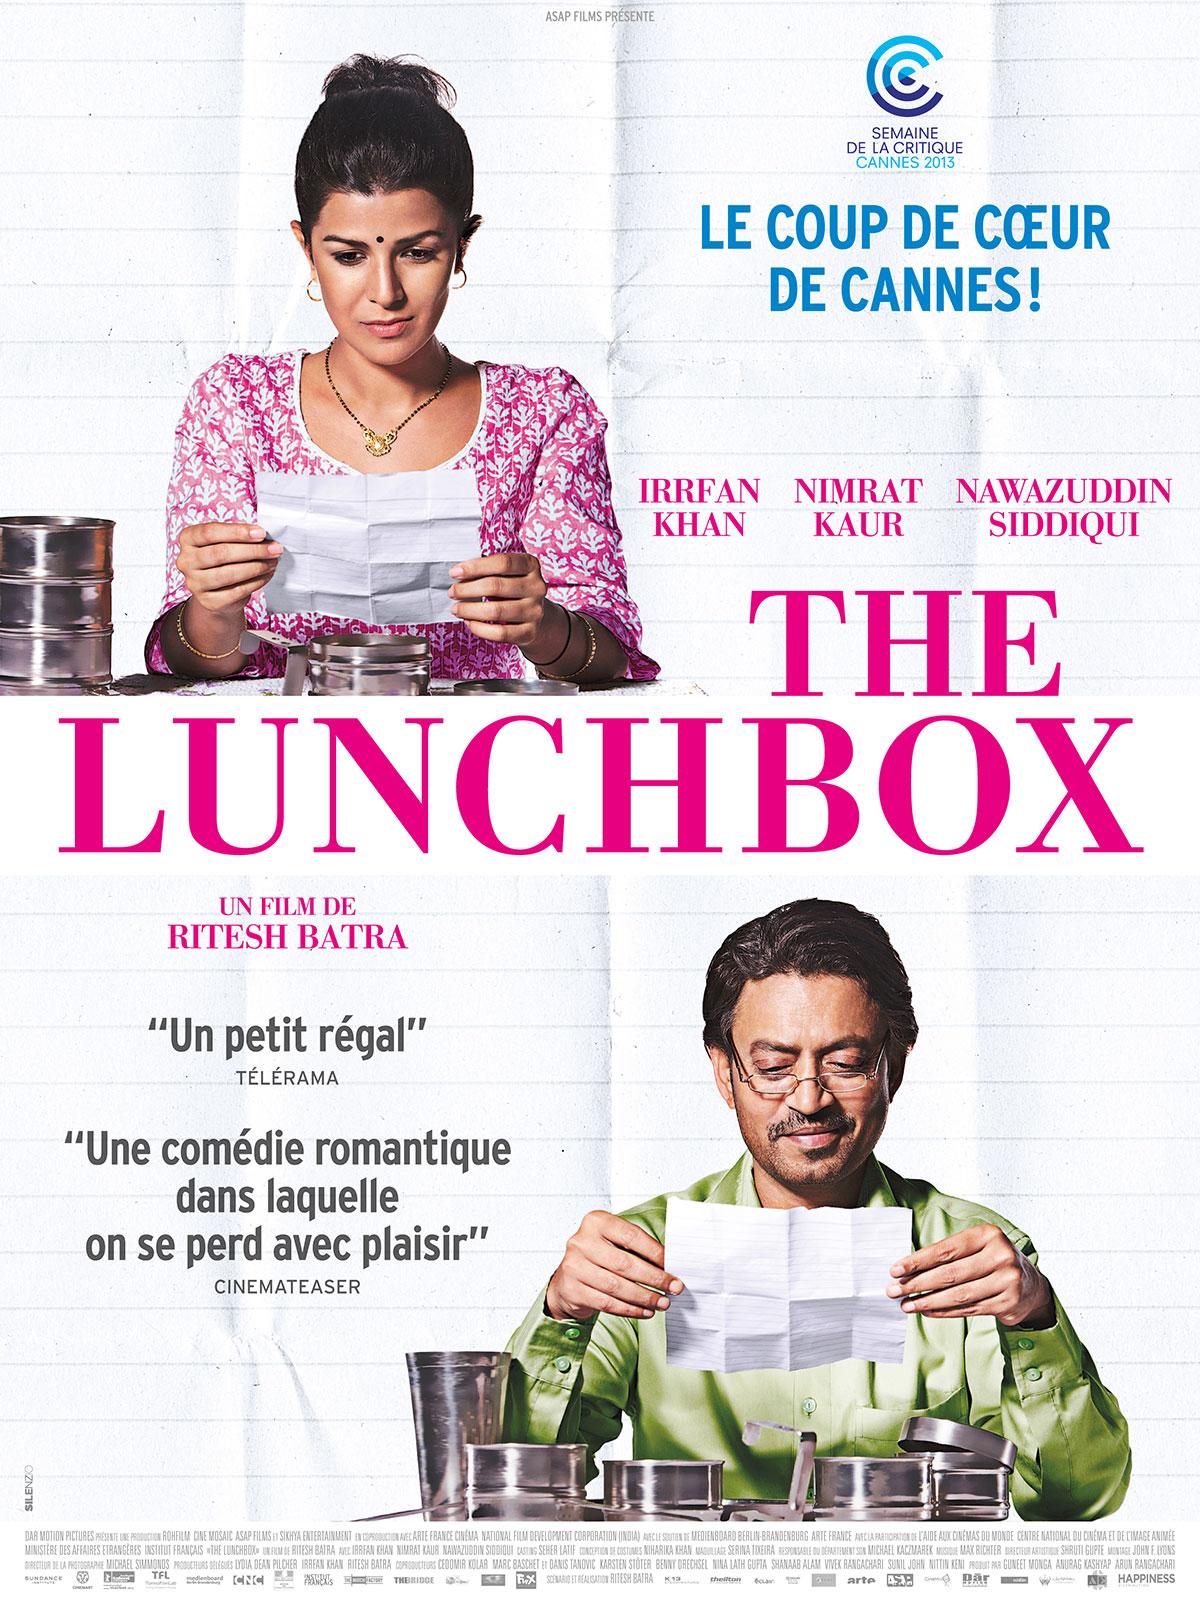 Lunchbox Film